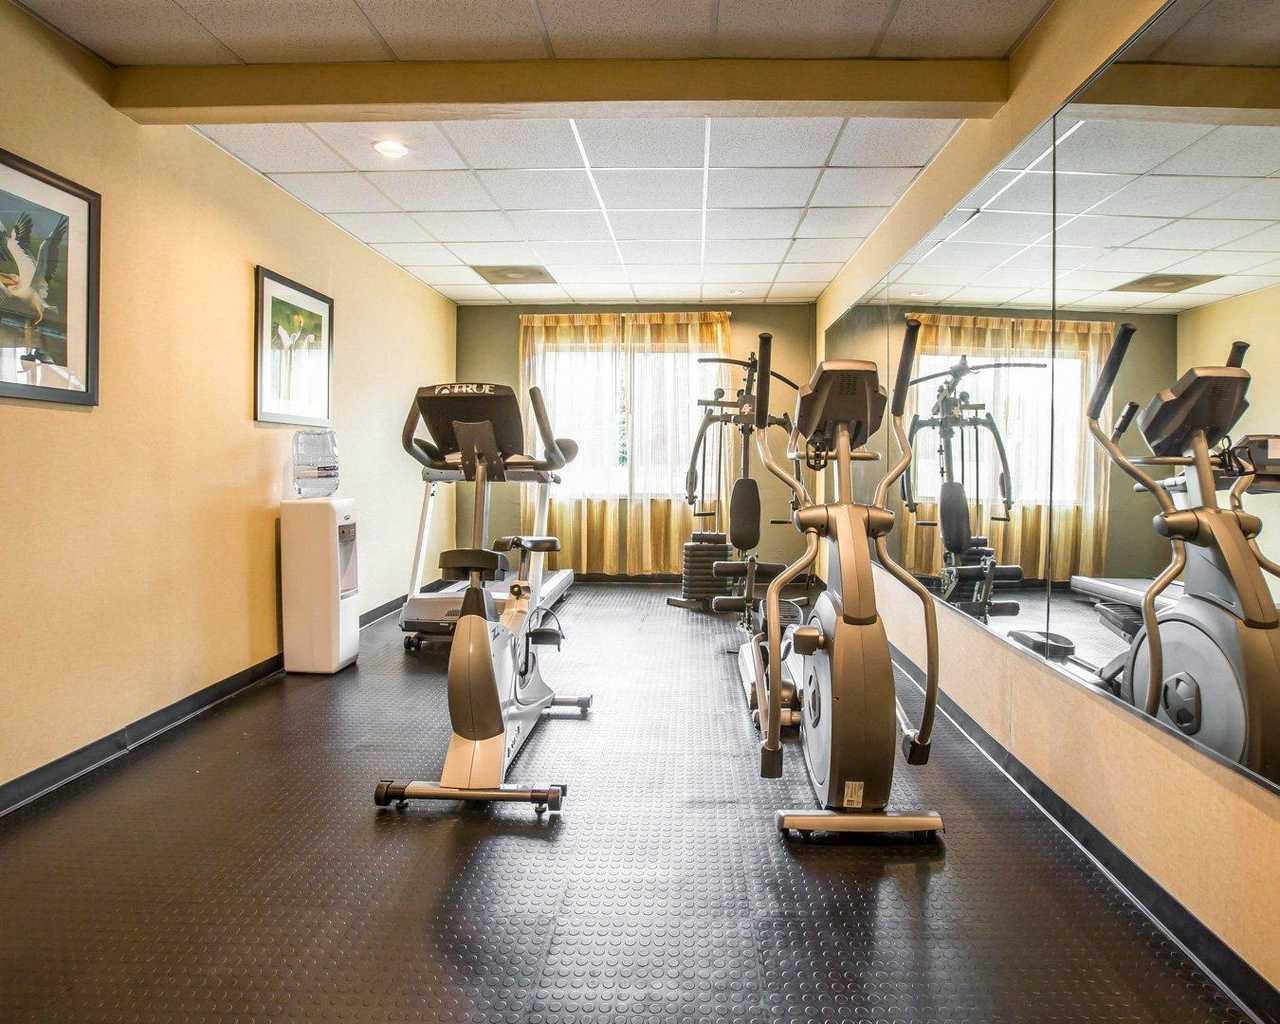 FitnessRoom2.jpg